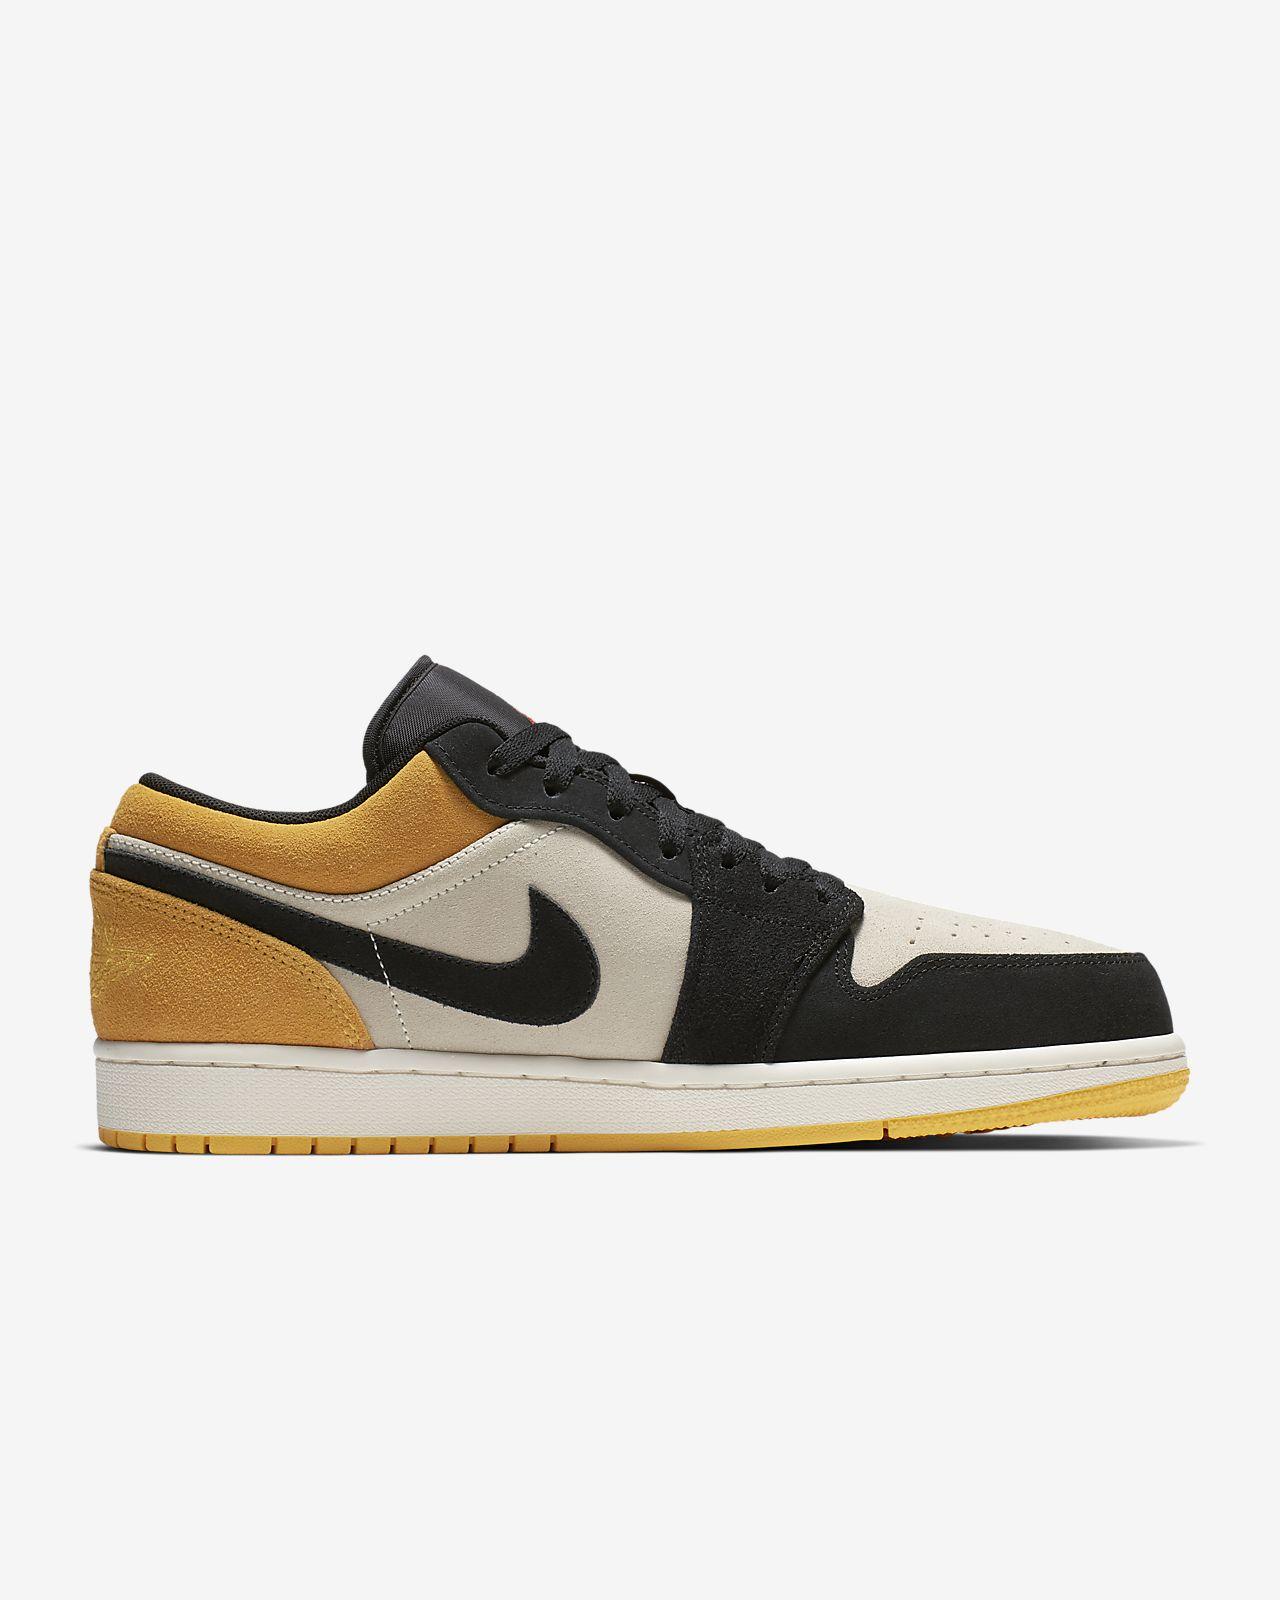 d67f2824e115 Air Jordan 1 Low Men s Shoe. Nike.com NO